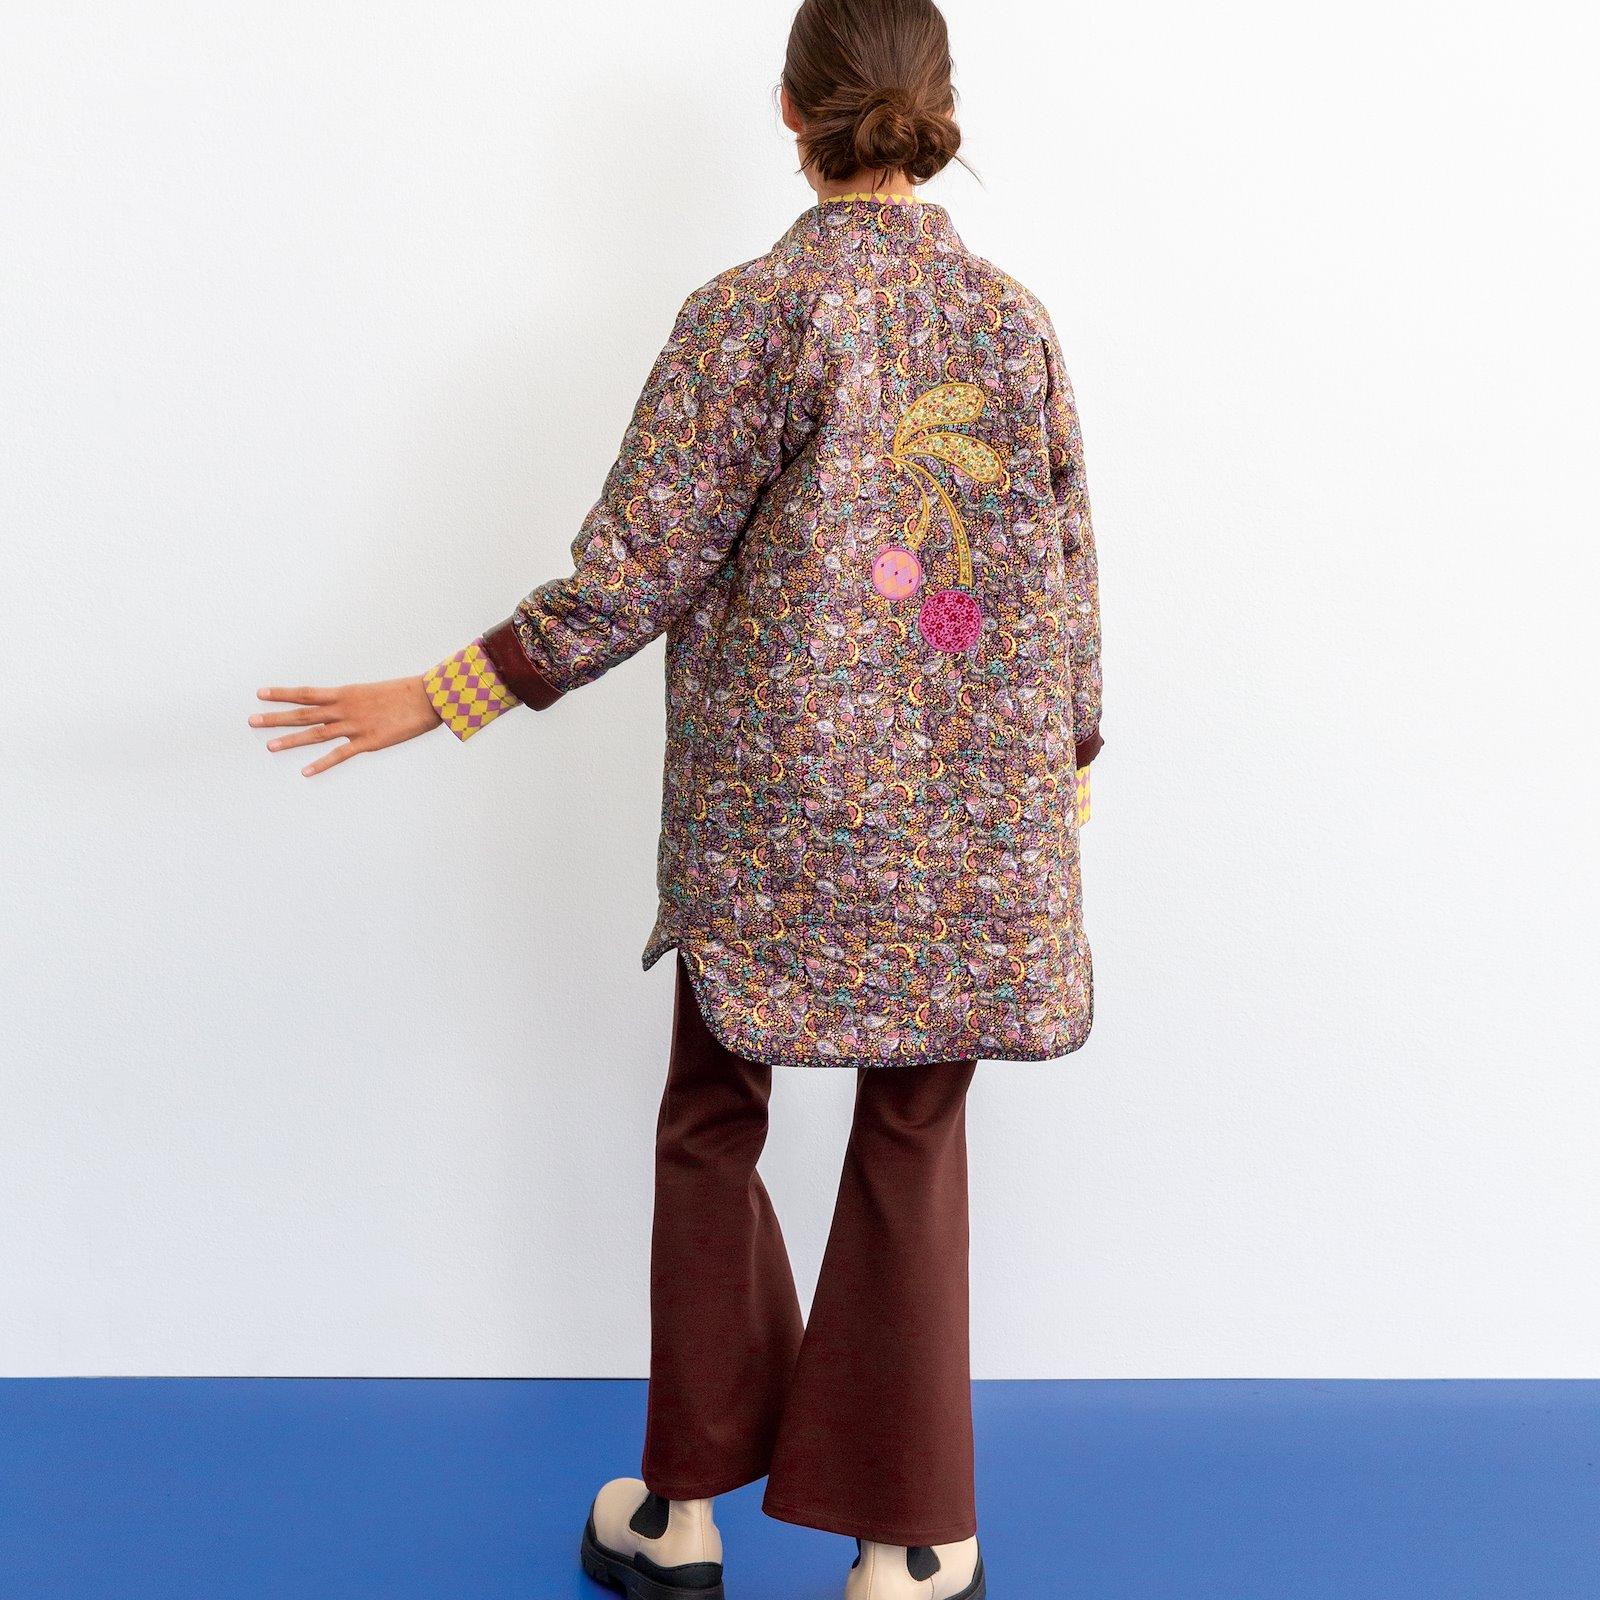 Jacket with raglan sleeves, 116/6y p64019_852409_22344_9901_7014_DIY1018_852414_852413_852410_p60038_420419_bundle